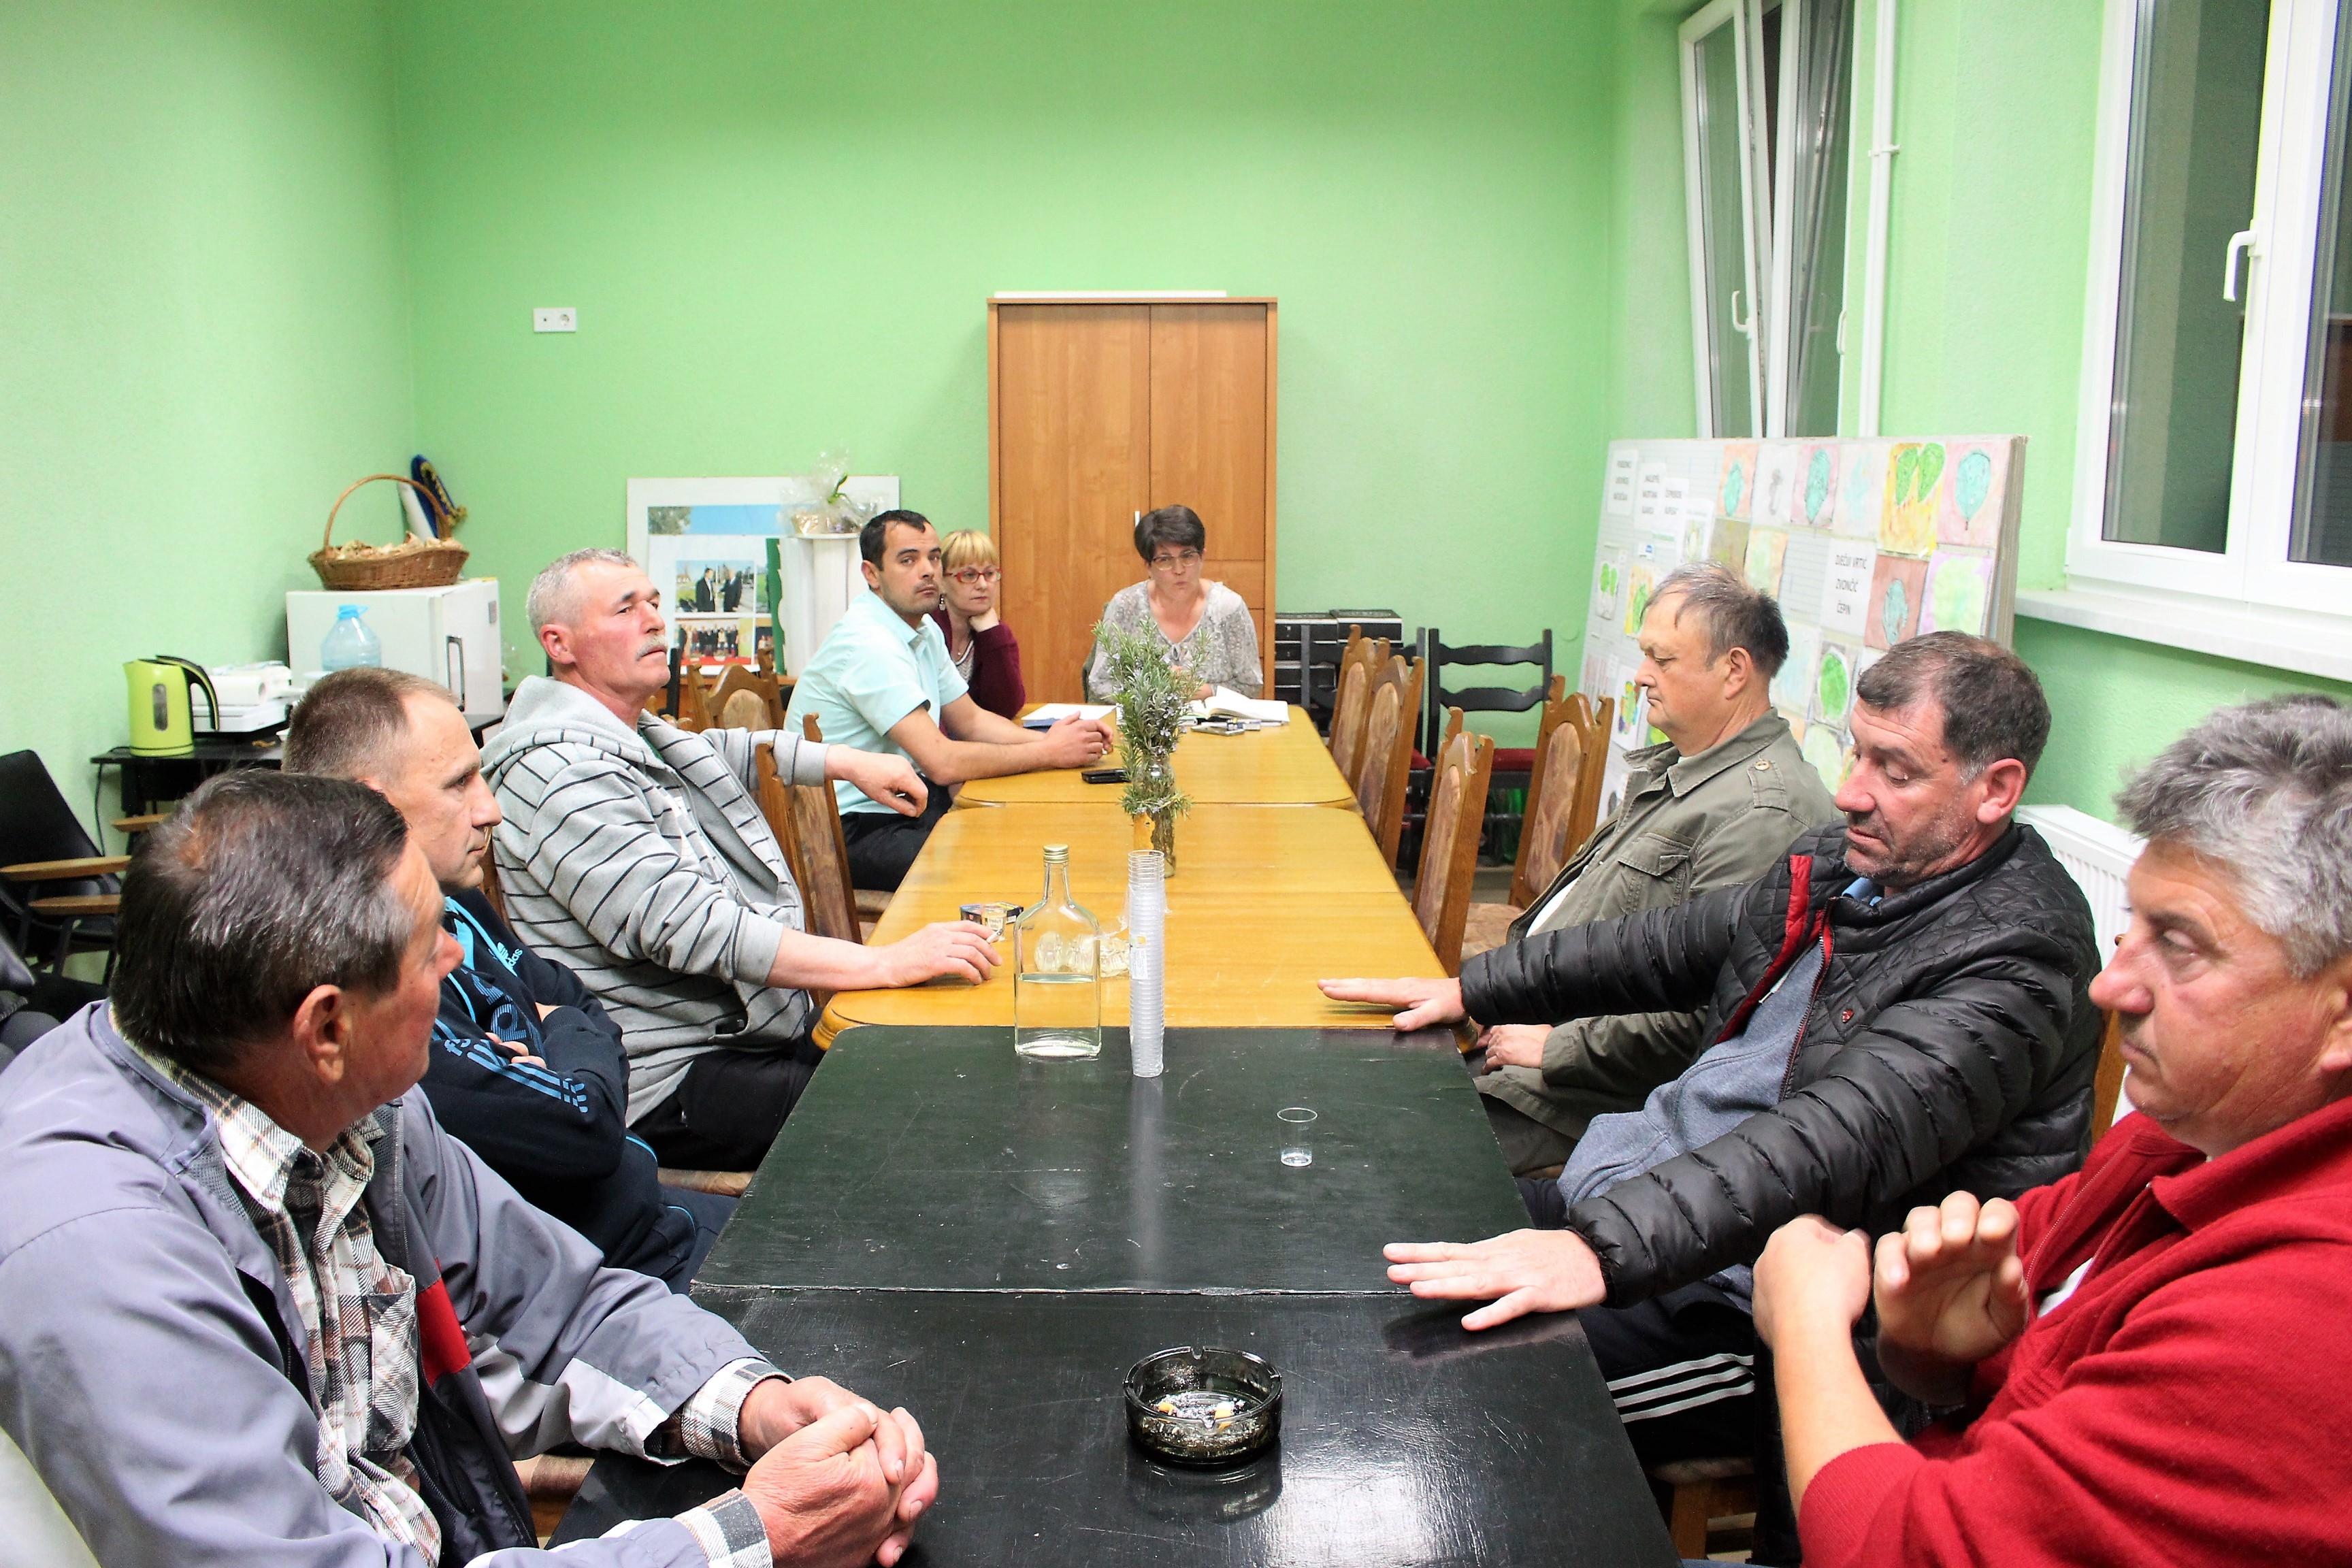 <p>Jučer je u stranačkim prostorijama HSS-a u Čepinu održan sastanak asocijacije branitelja 'Hrvatski sokol' OO HSS-a Čepin koji je sazvala v. d. predsjednica OO HSS-a Čepin Gordana Kalajžić.</p>